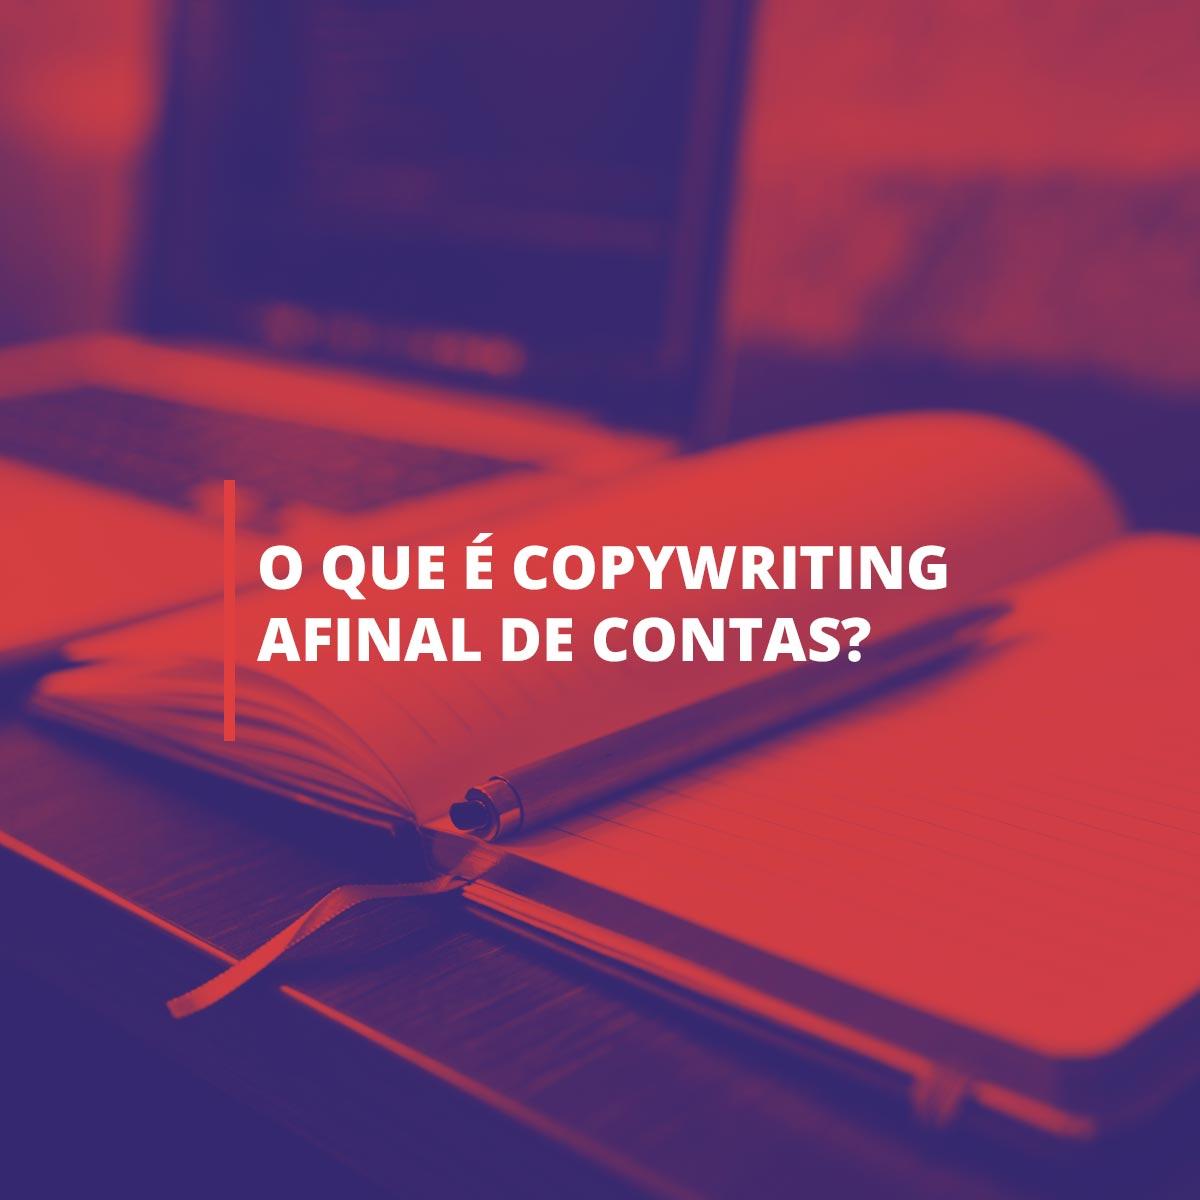 O que é Copywriting afinal de contas?